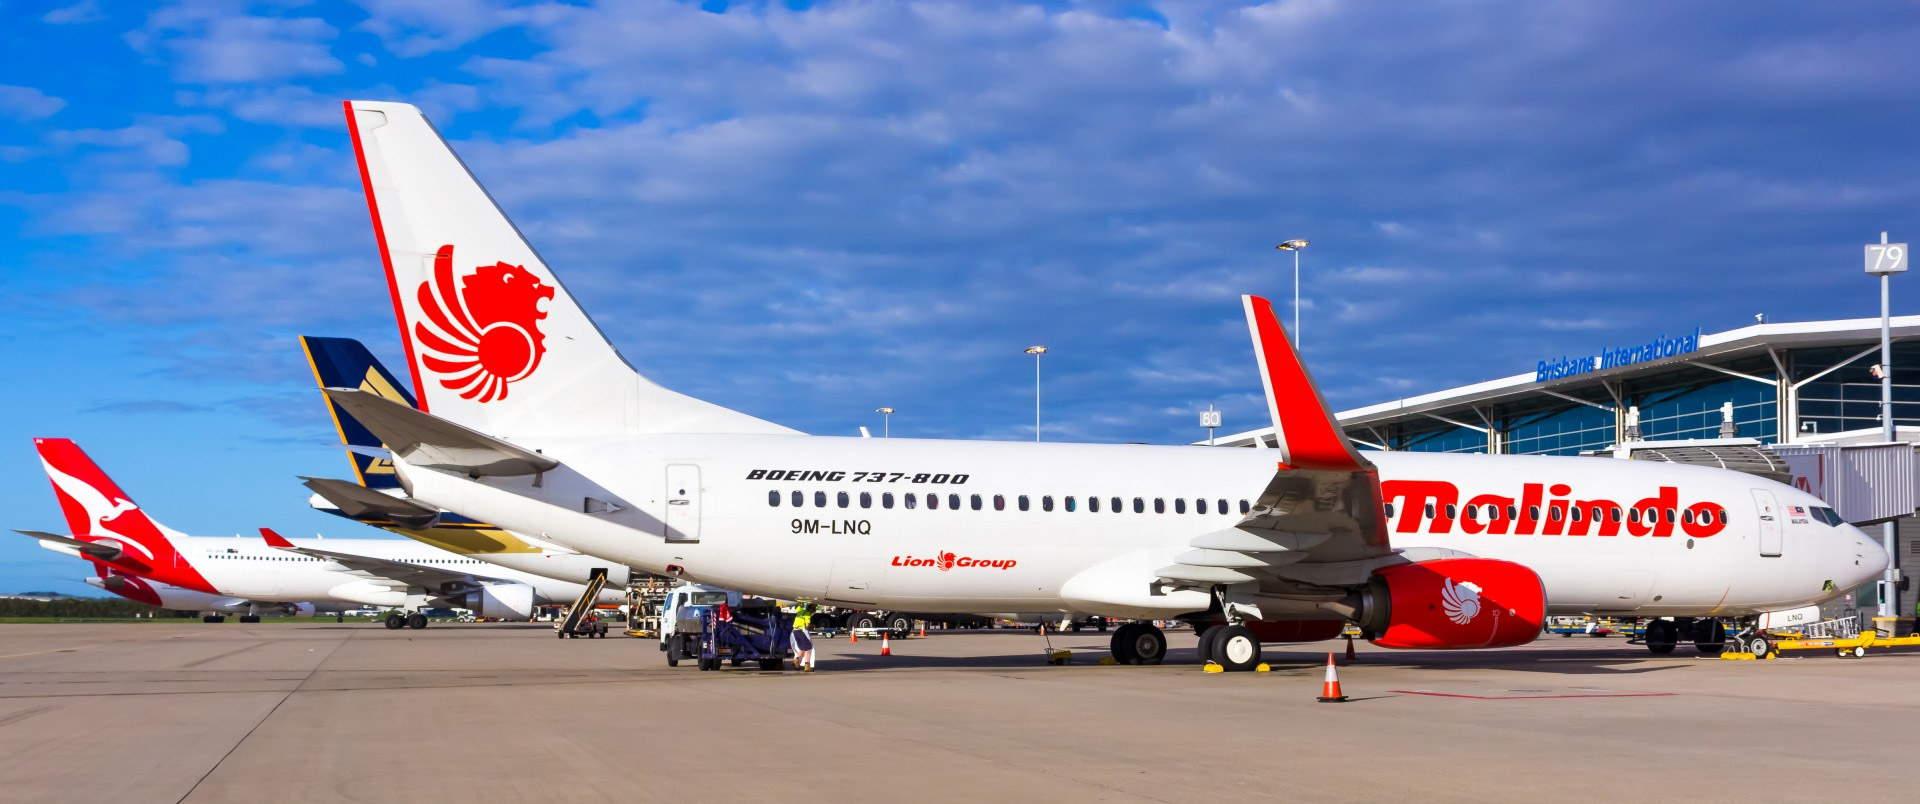 Hãng hàng không Malindo Air